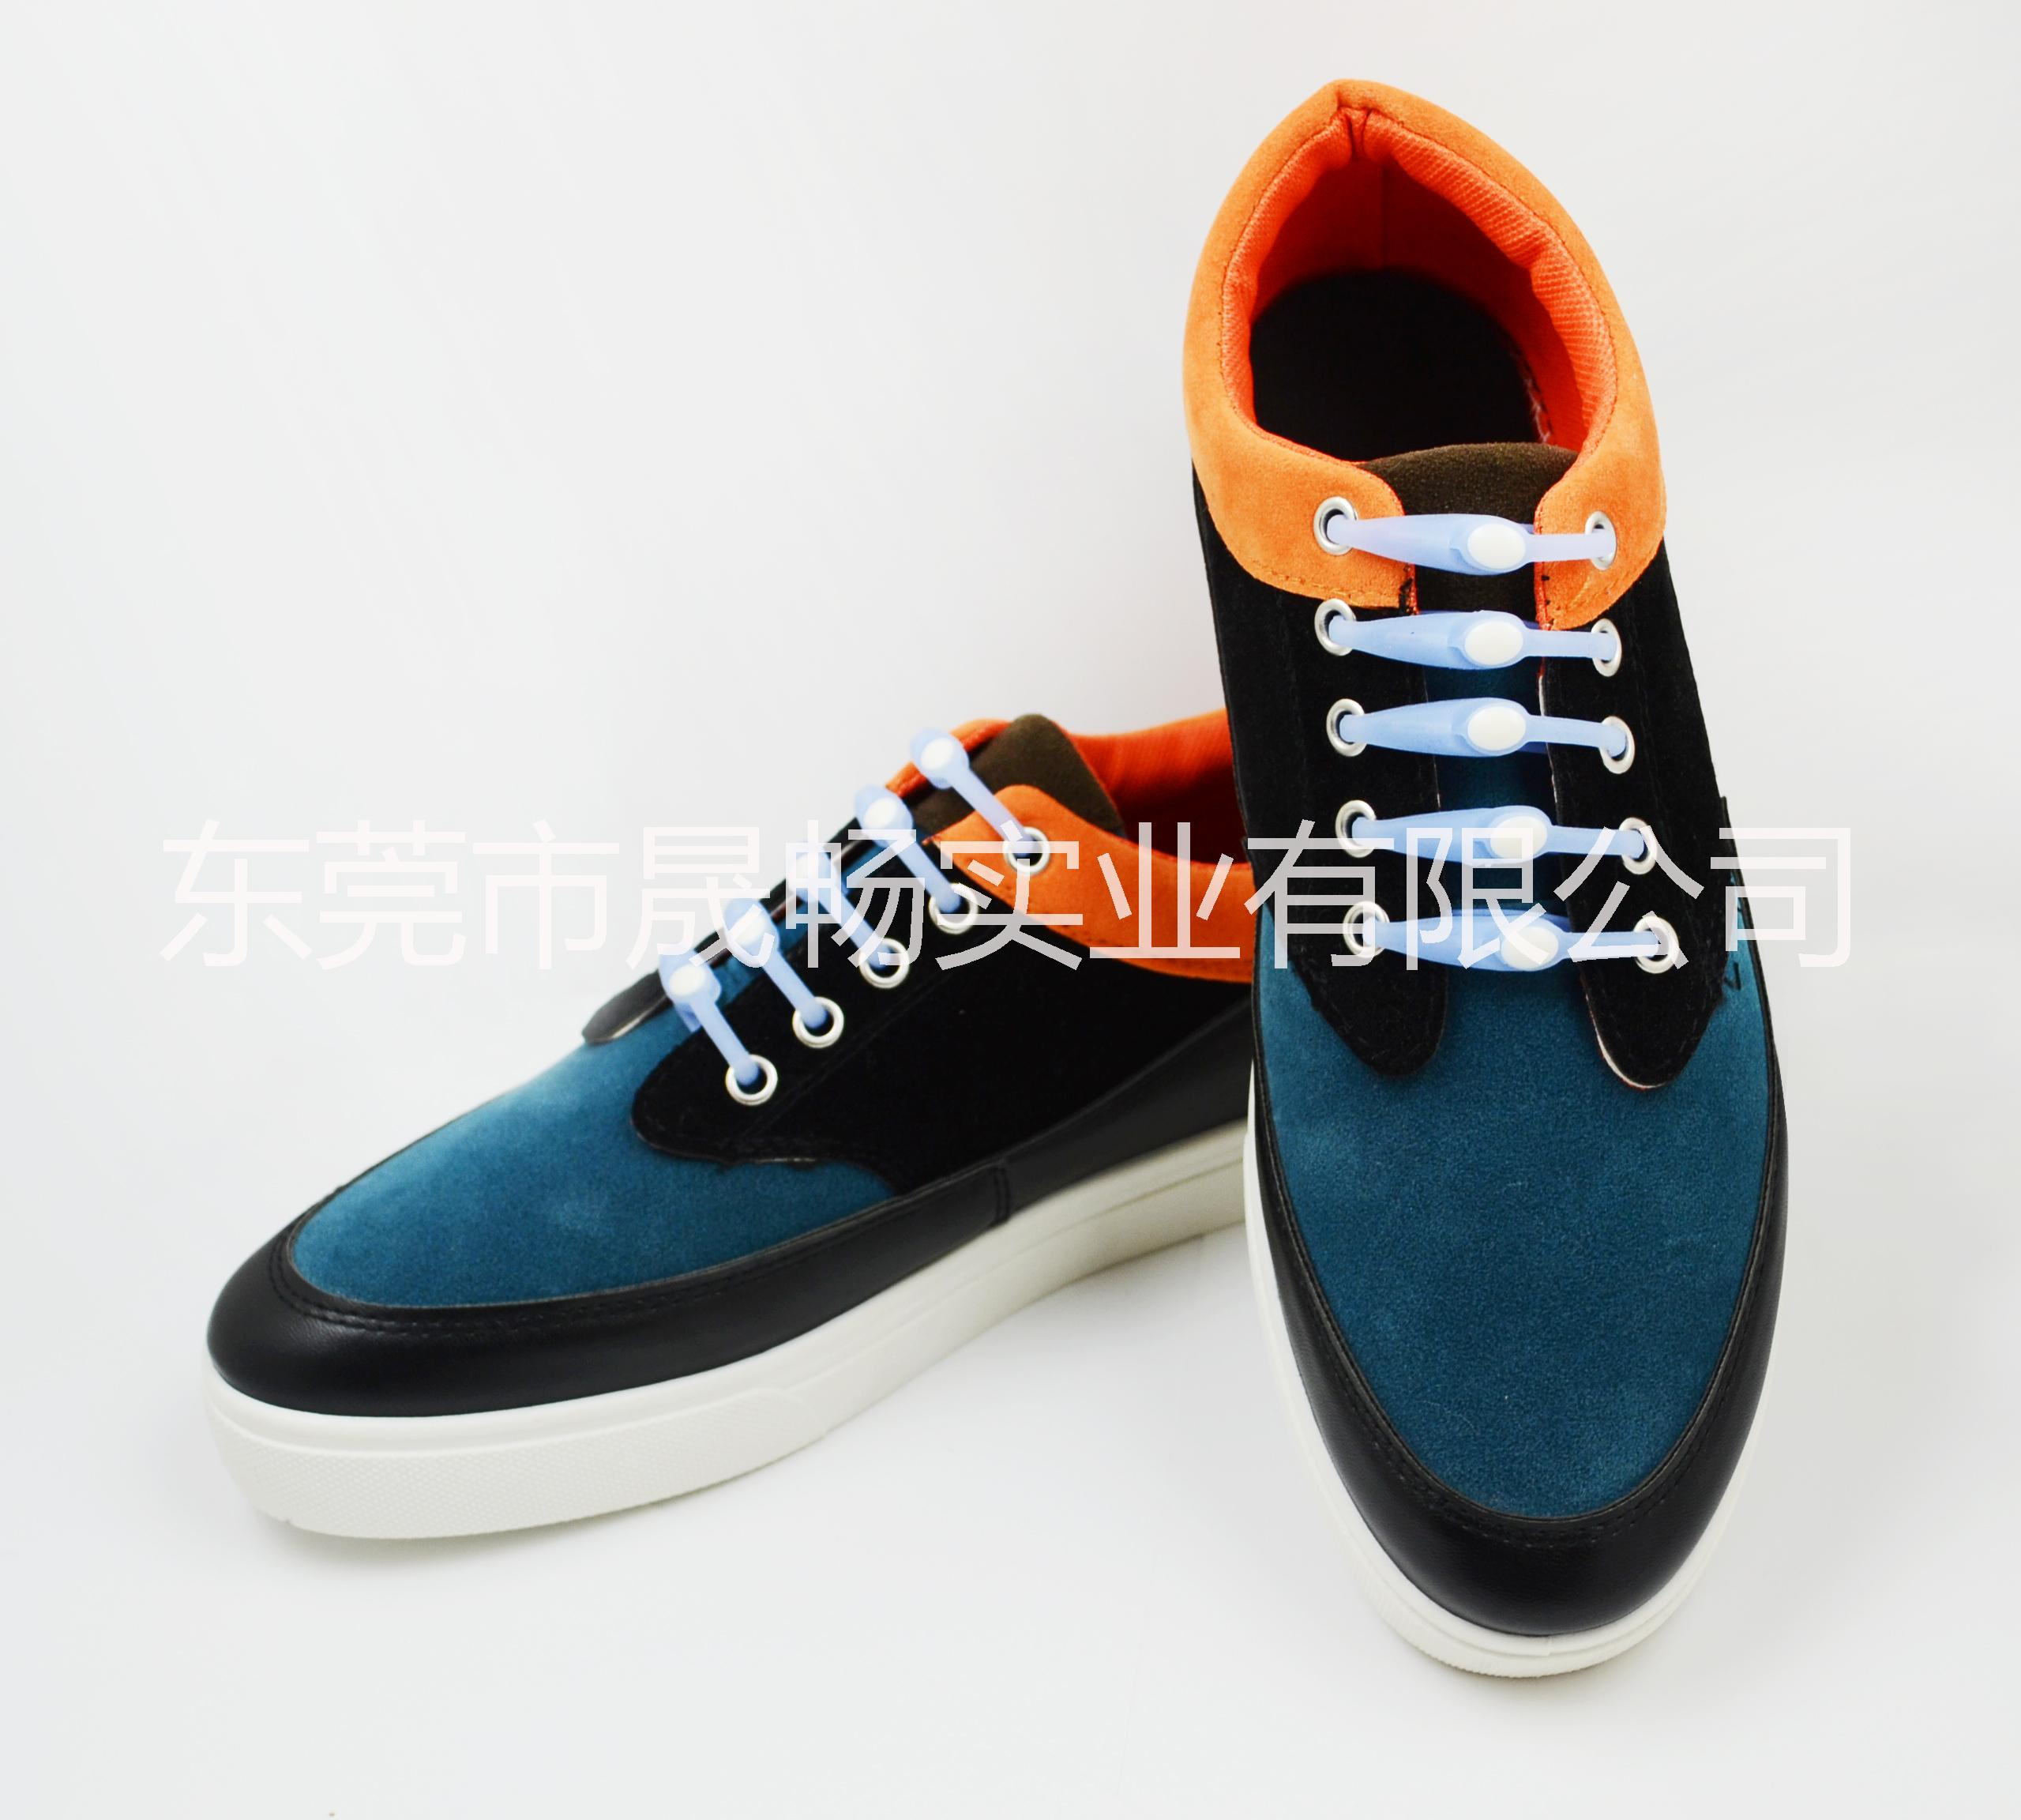 厂家货源直销懒人鞋带销售